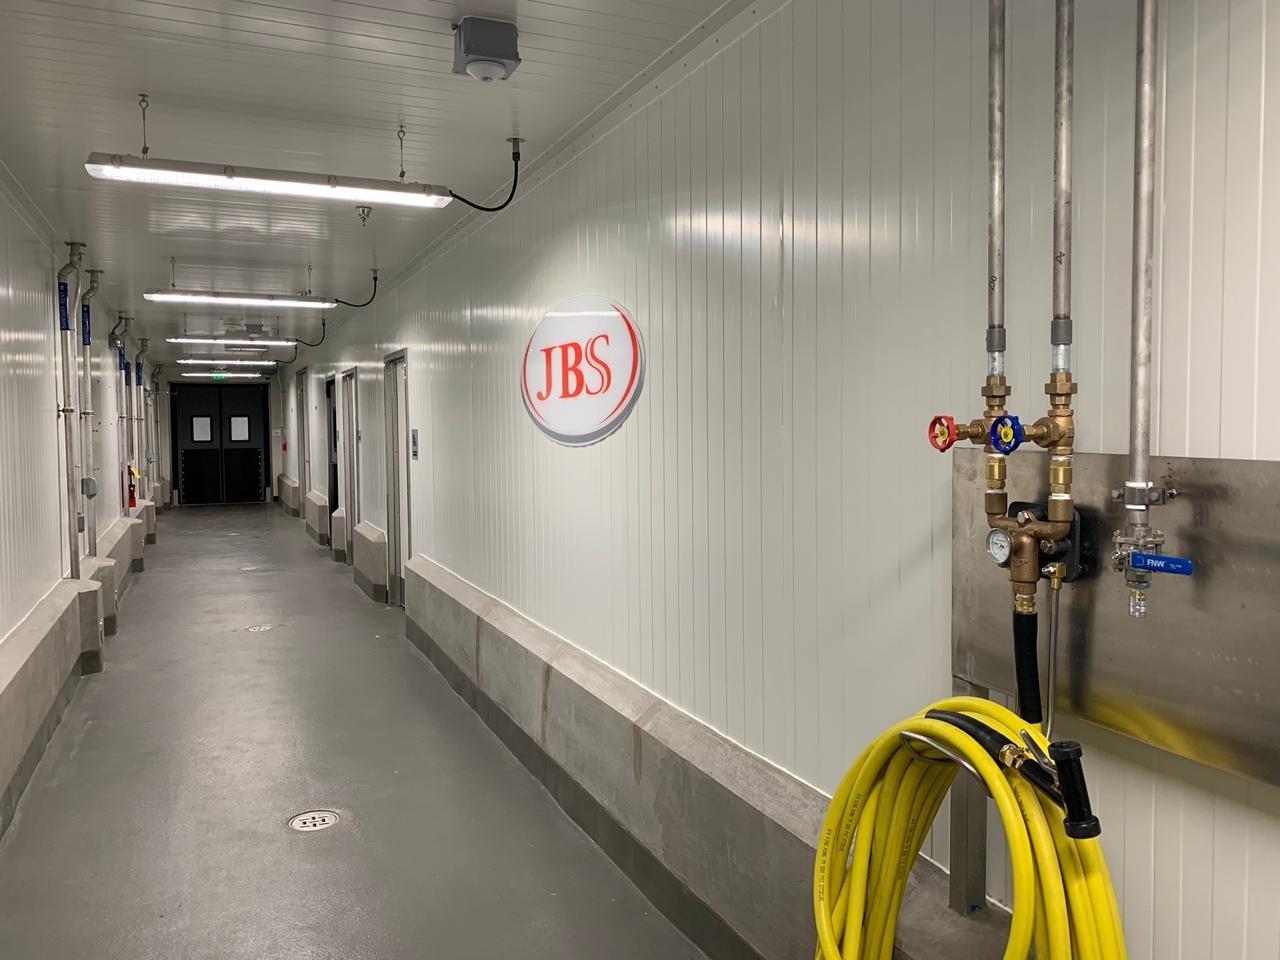 Instalações simulam uma fábrica de carnes - Centro Global de Inovação de Alimentos da JBS (Foto: Divulgação)